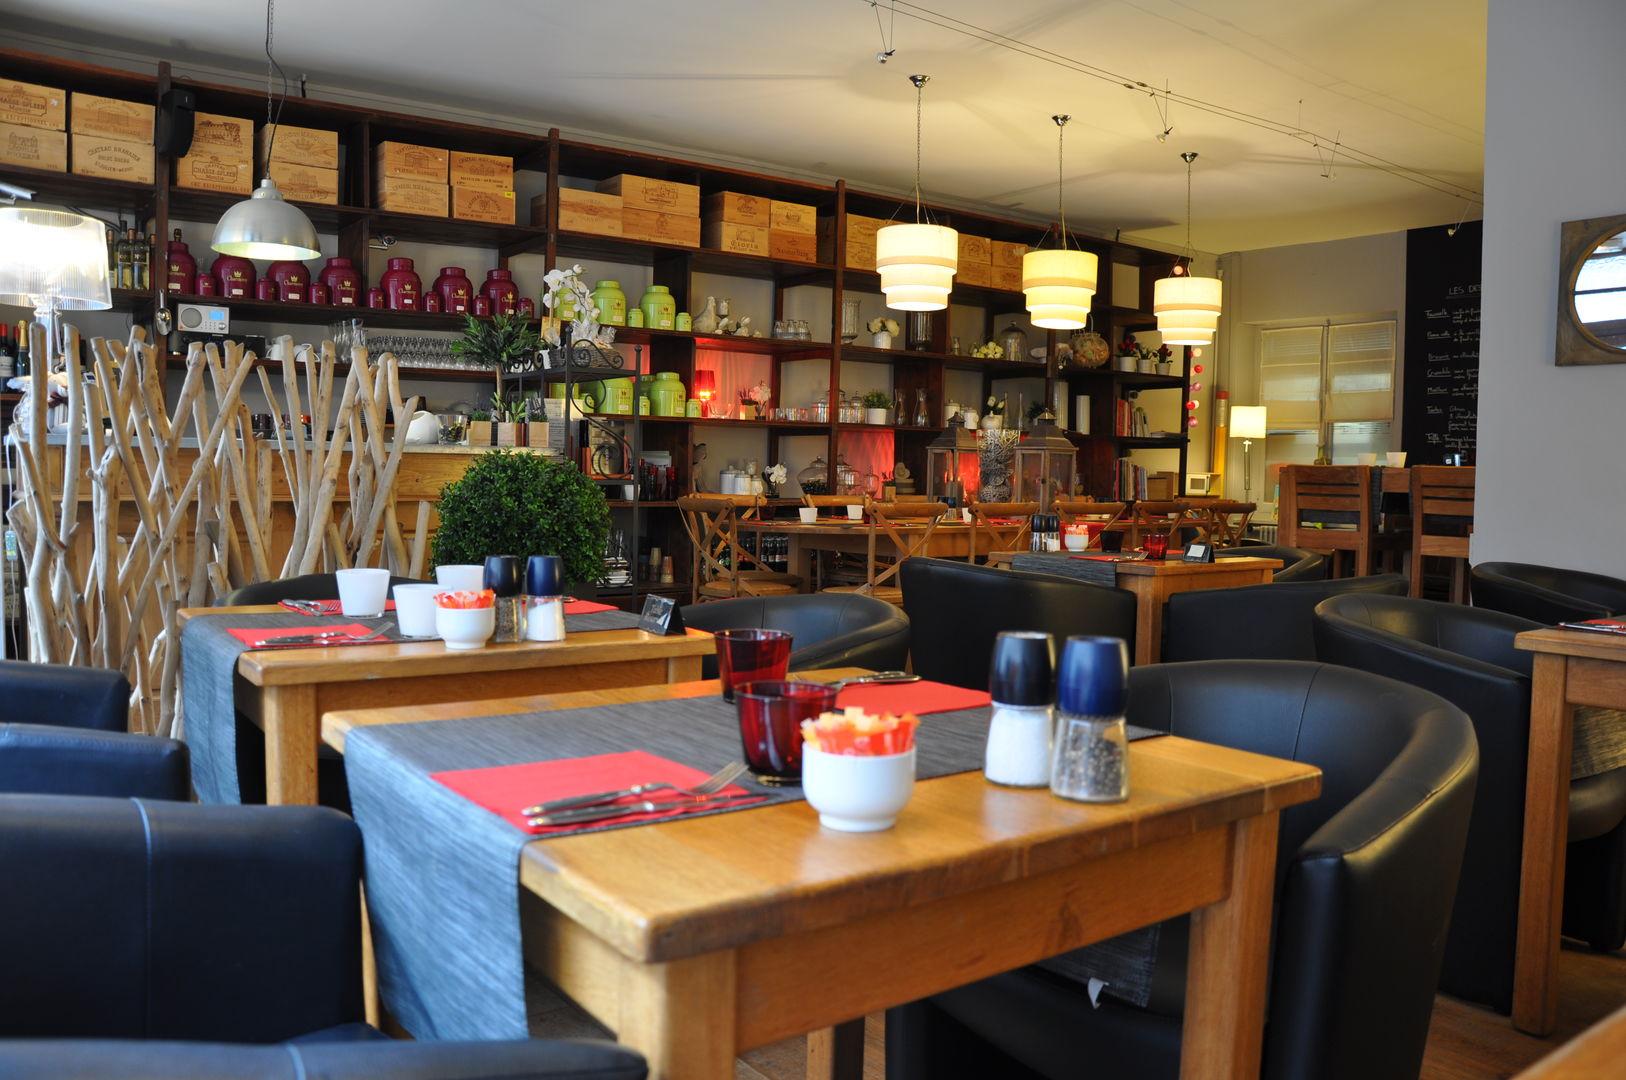 Restaurant_Esprit_de_famille_Saint-Brieuc_salle